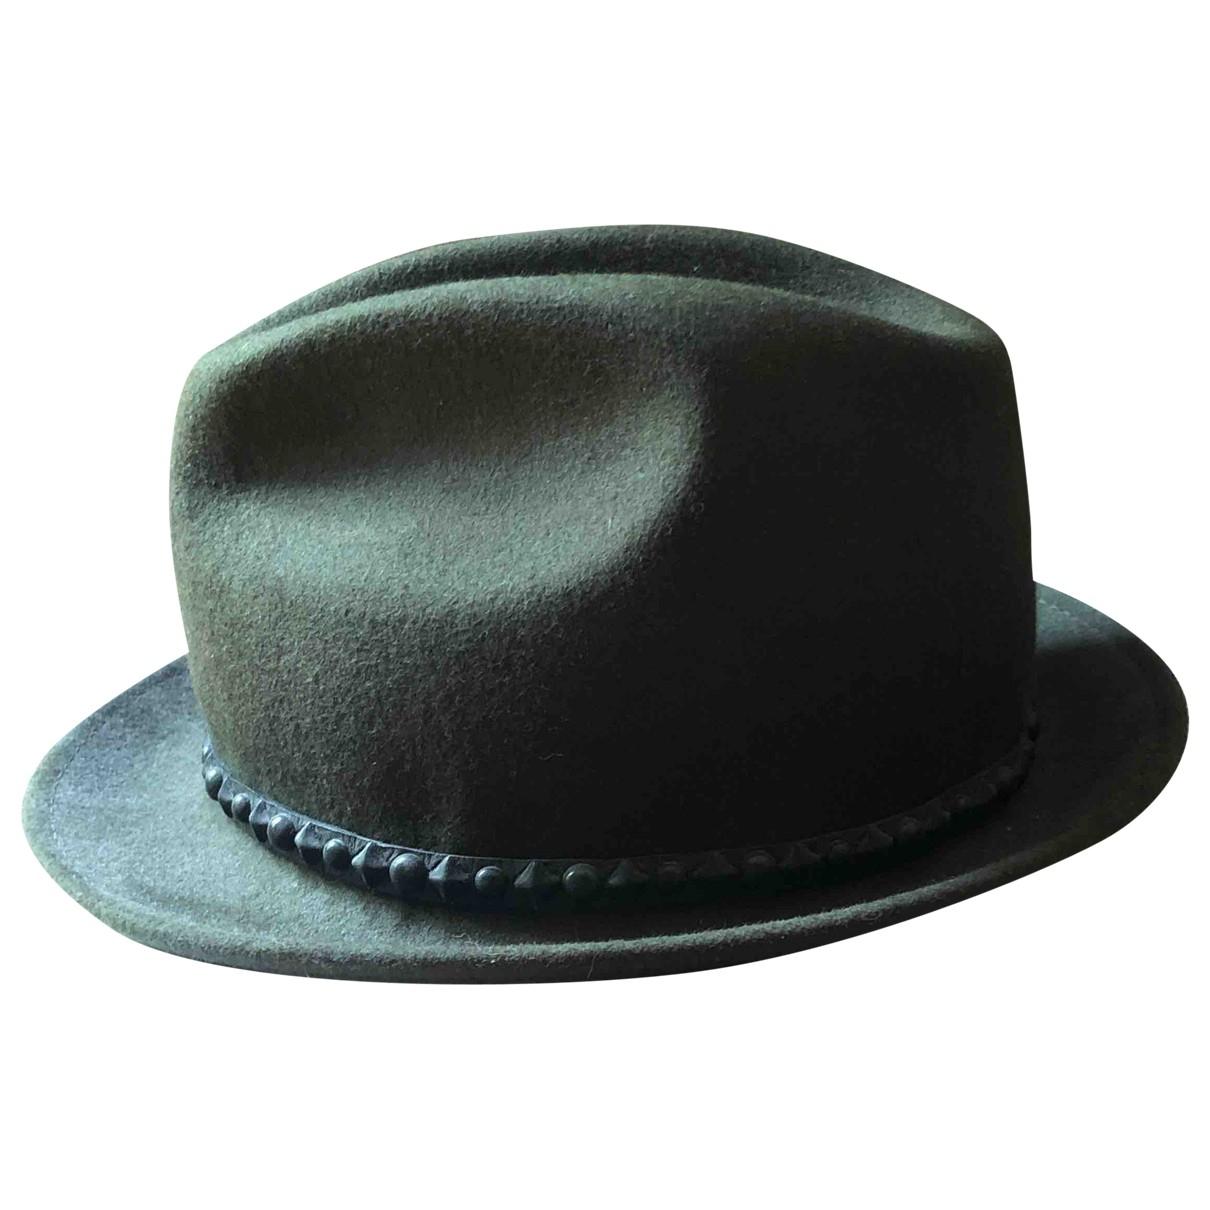 Htc - Chapeau & Bonnets   pour homme en laine - vert